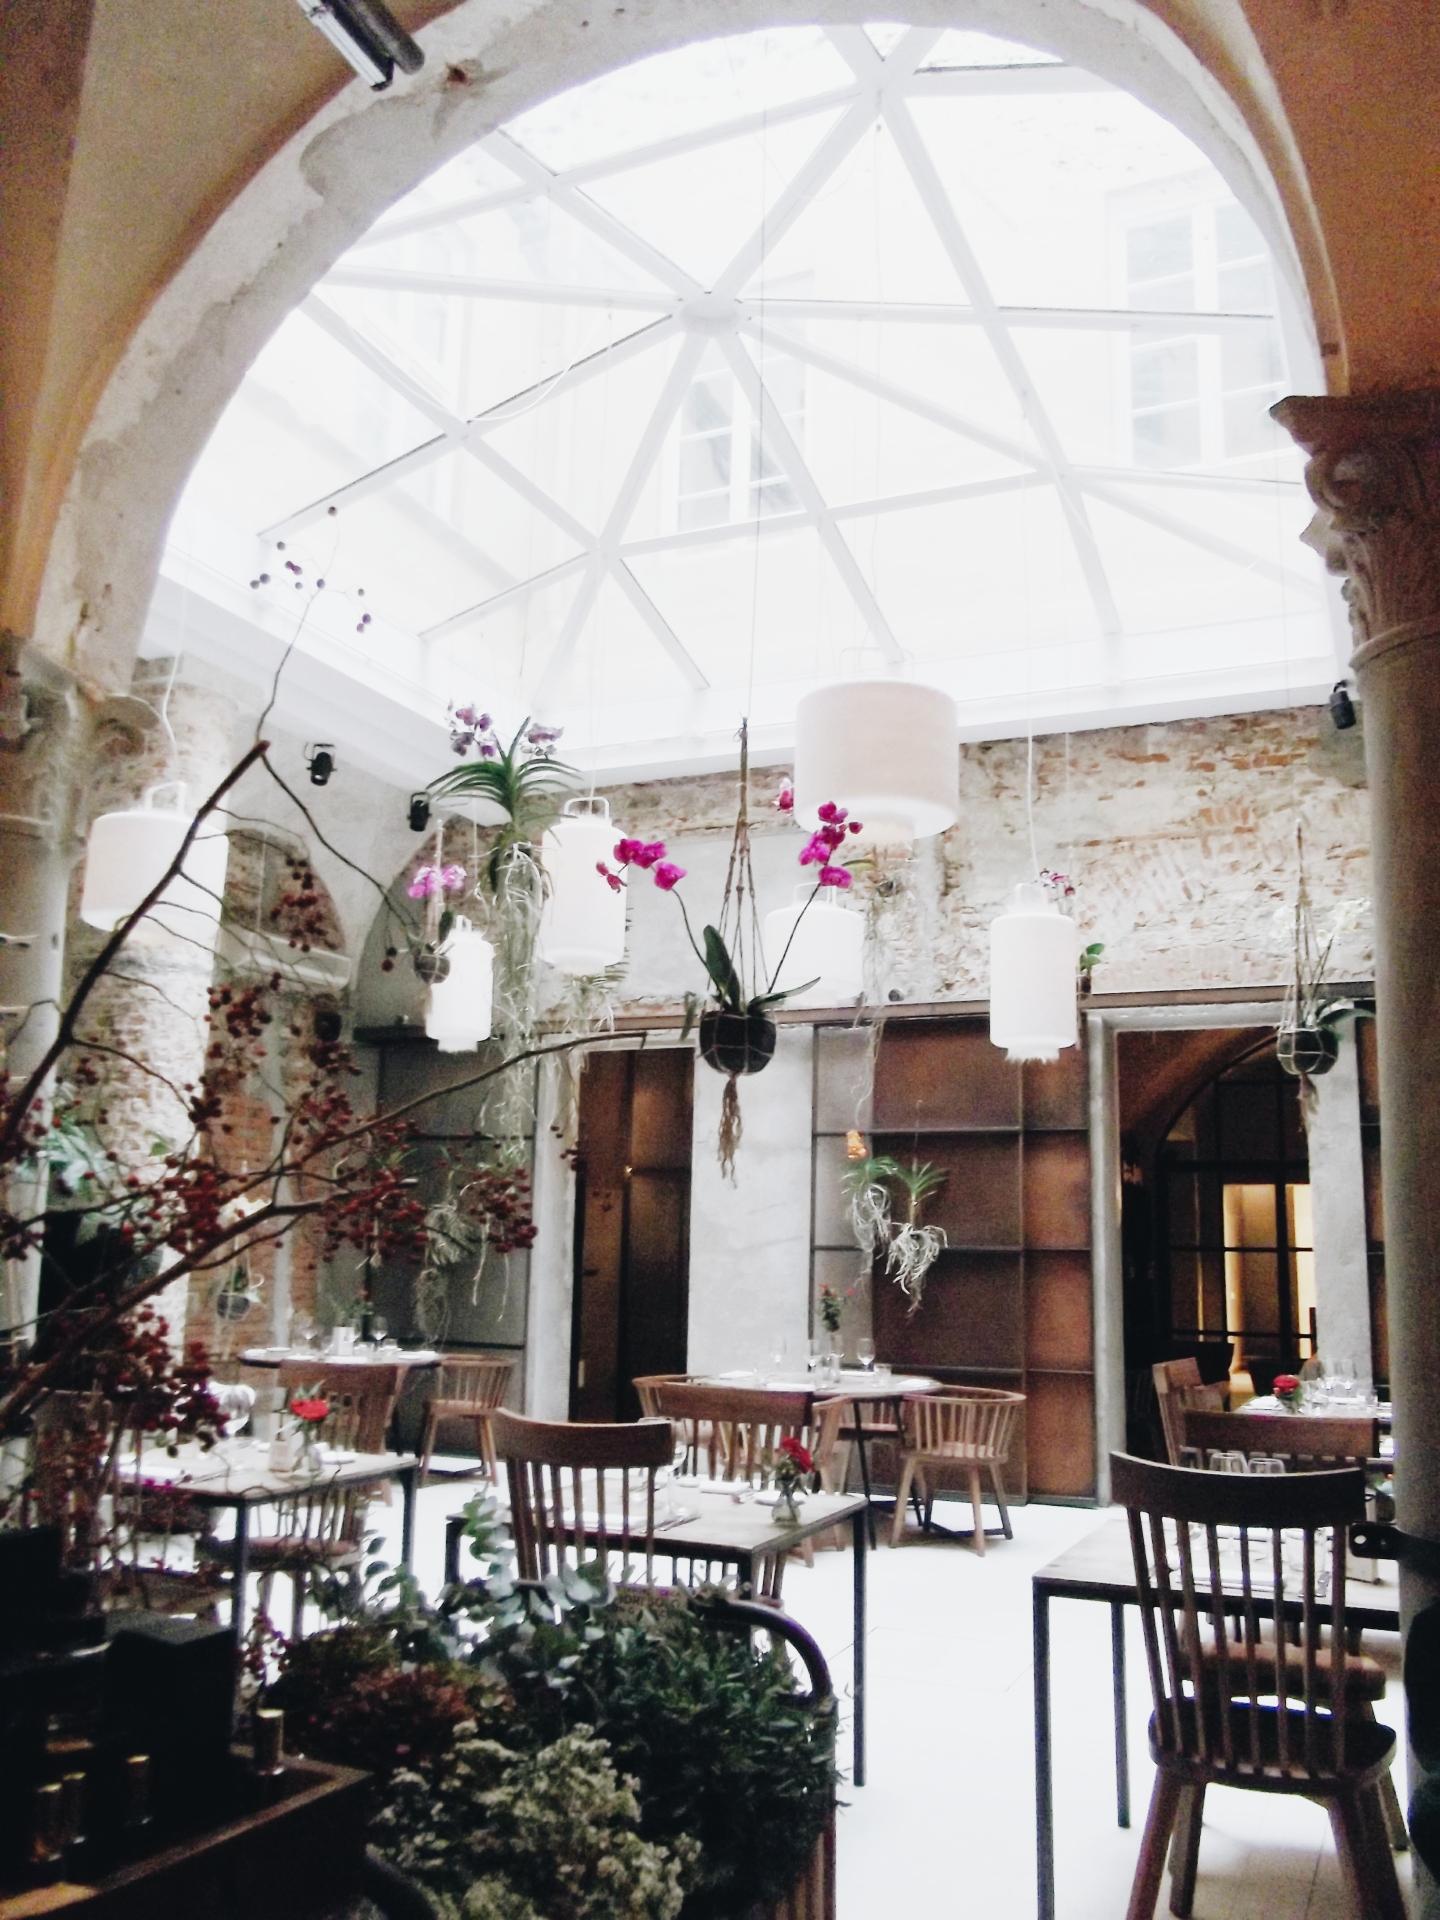 La Ménagère skylight conservatory in Florence